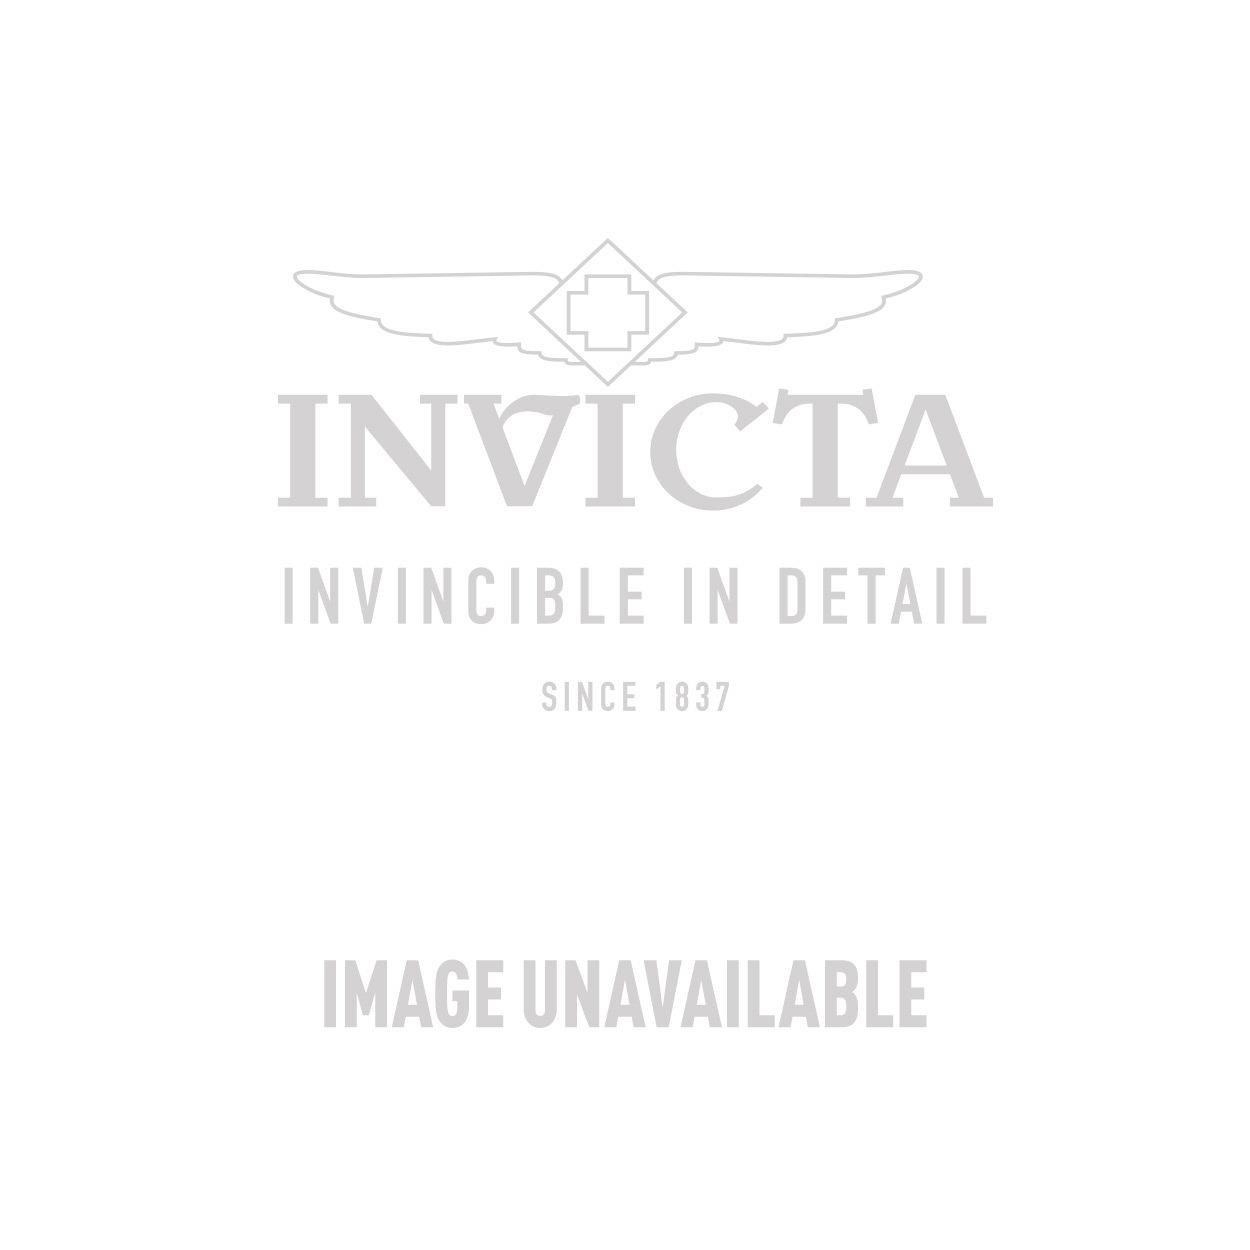 Invicta Model 25812